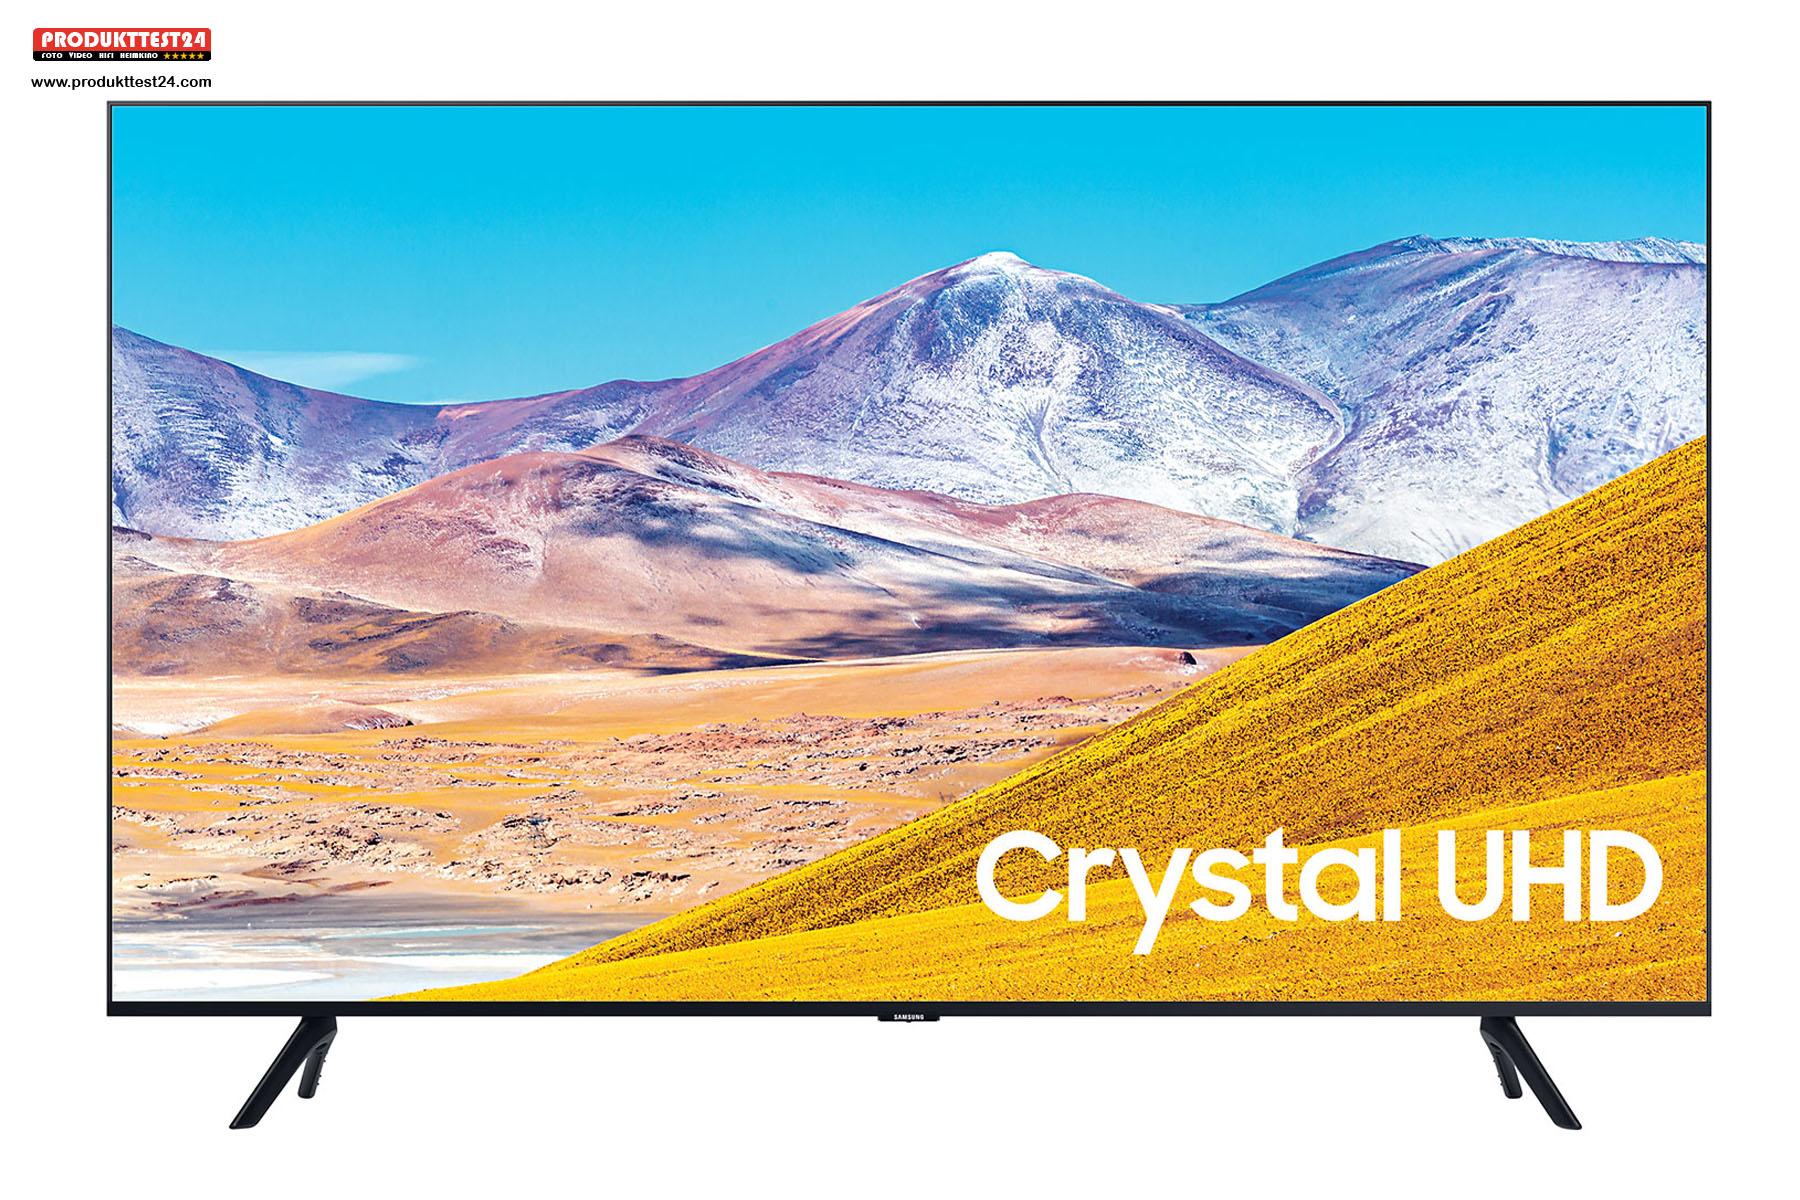 Samsung GU43TU8079 Premium UHD TV